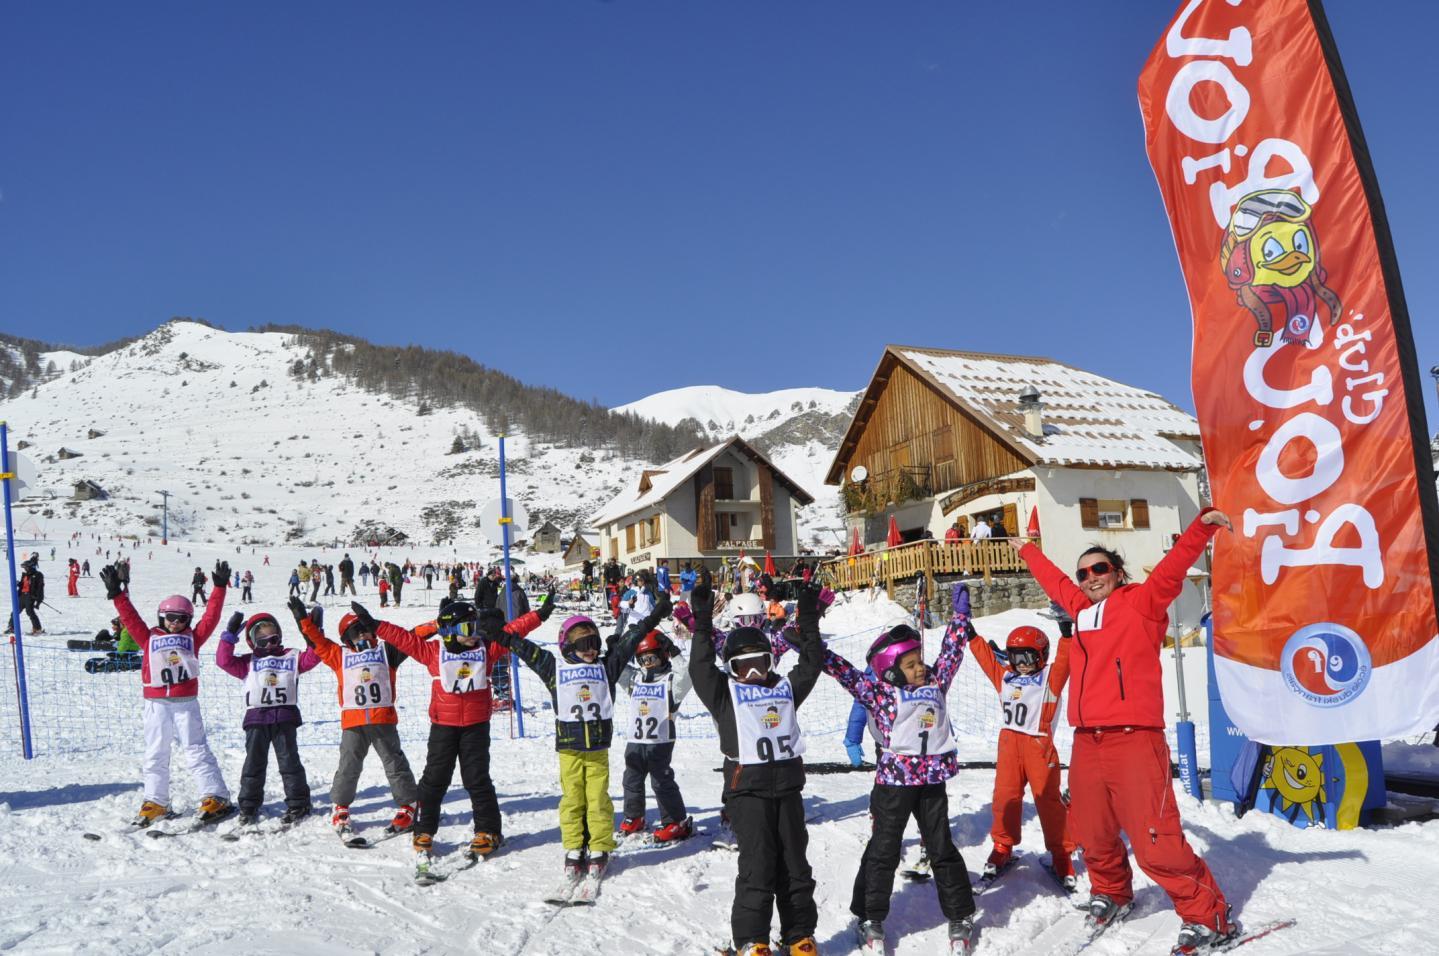 Chaque année, le club « Piou-Piou », à destination des 3-5 ans, initie les enfants à la glisse.